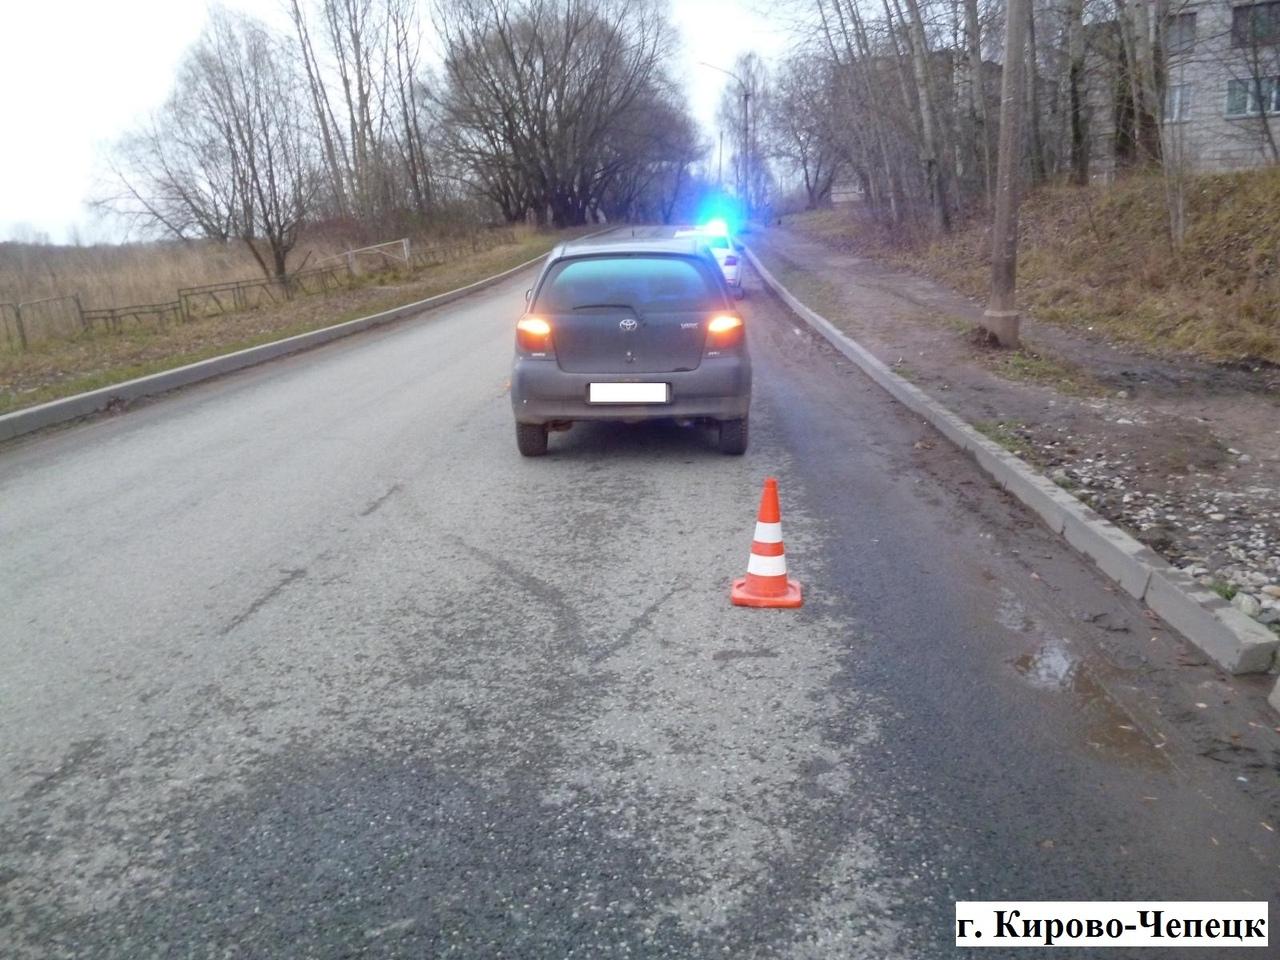 В Кирово-Чепецке водитель иномарки сбил школьника: мальчик в больнице